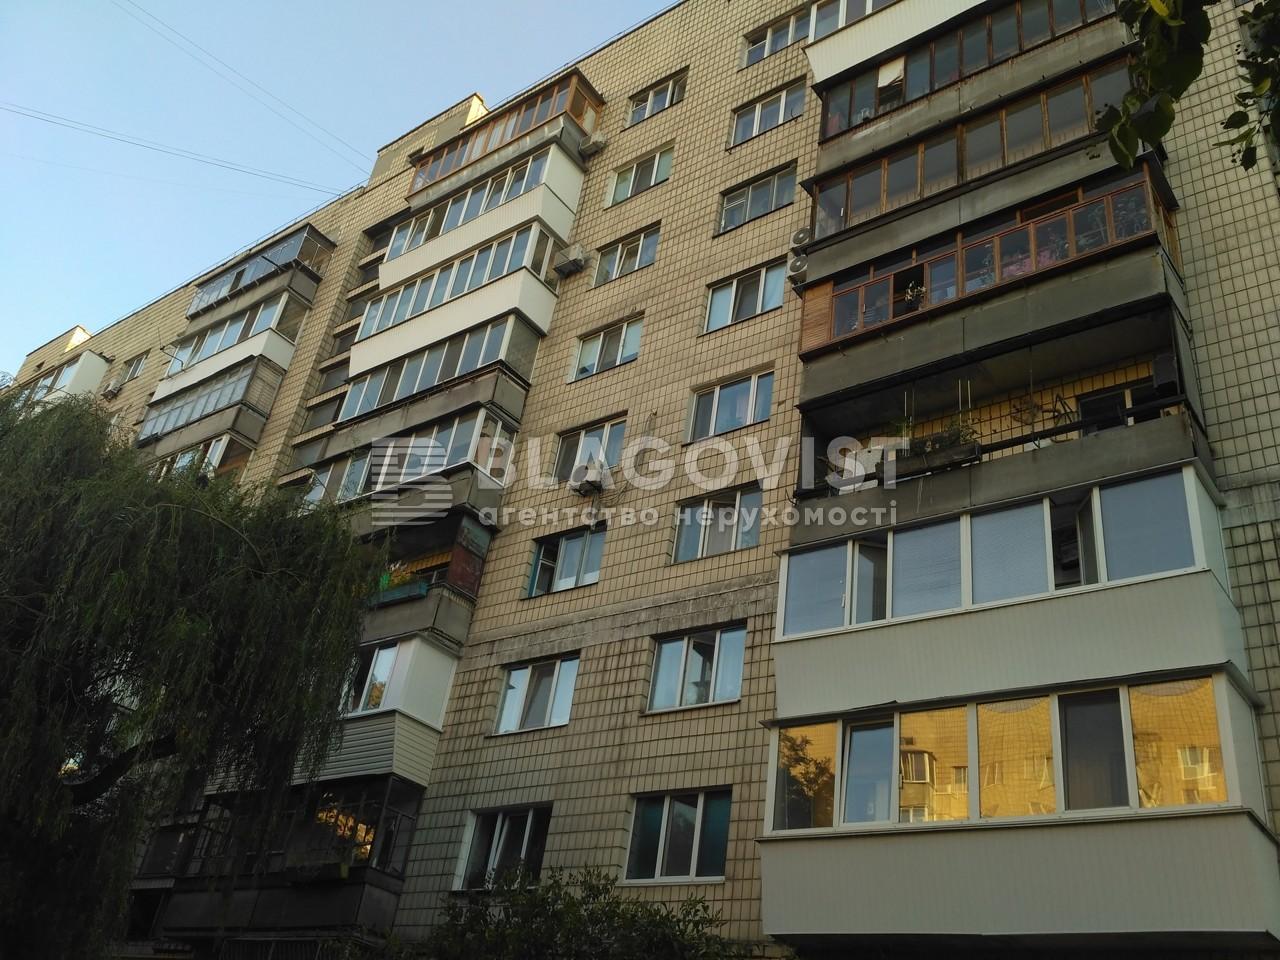 Квартира A-108647, Малокитаевская, 3, Киев - Фото 1